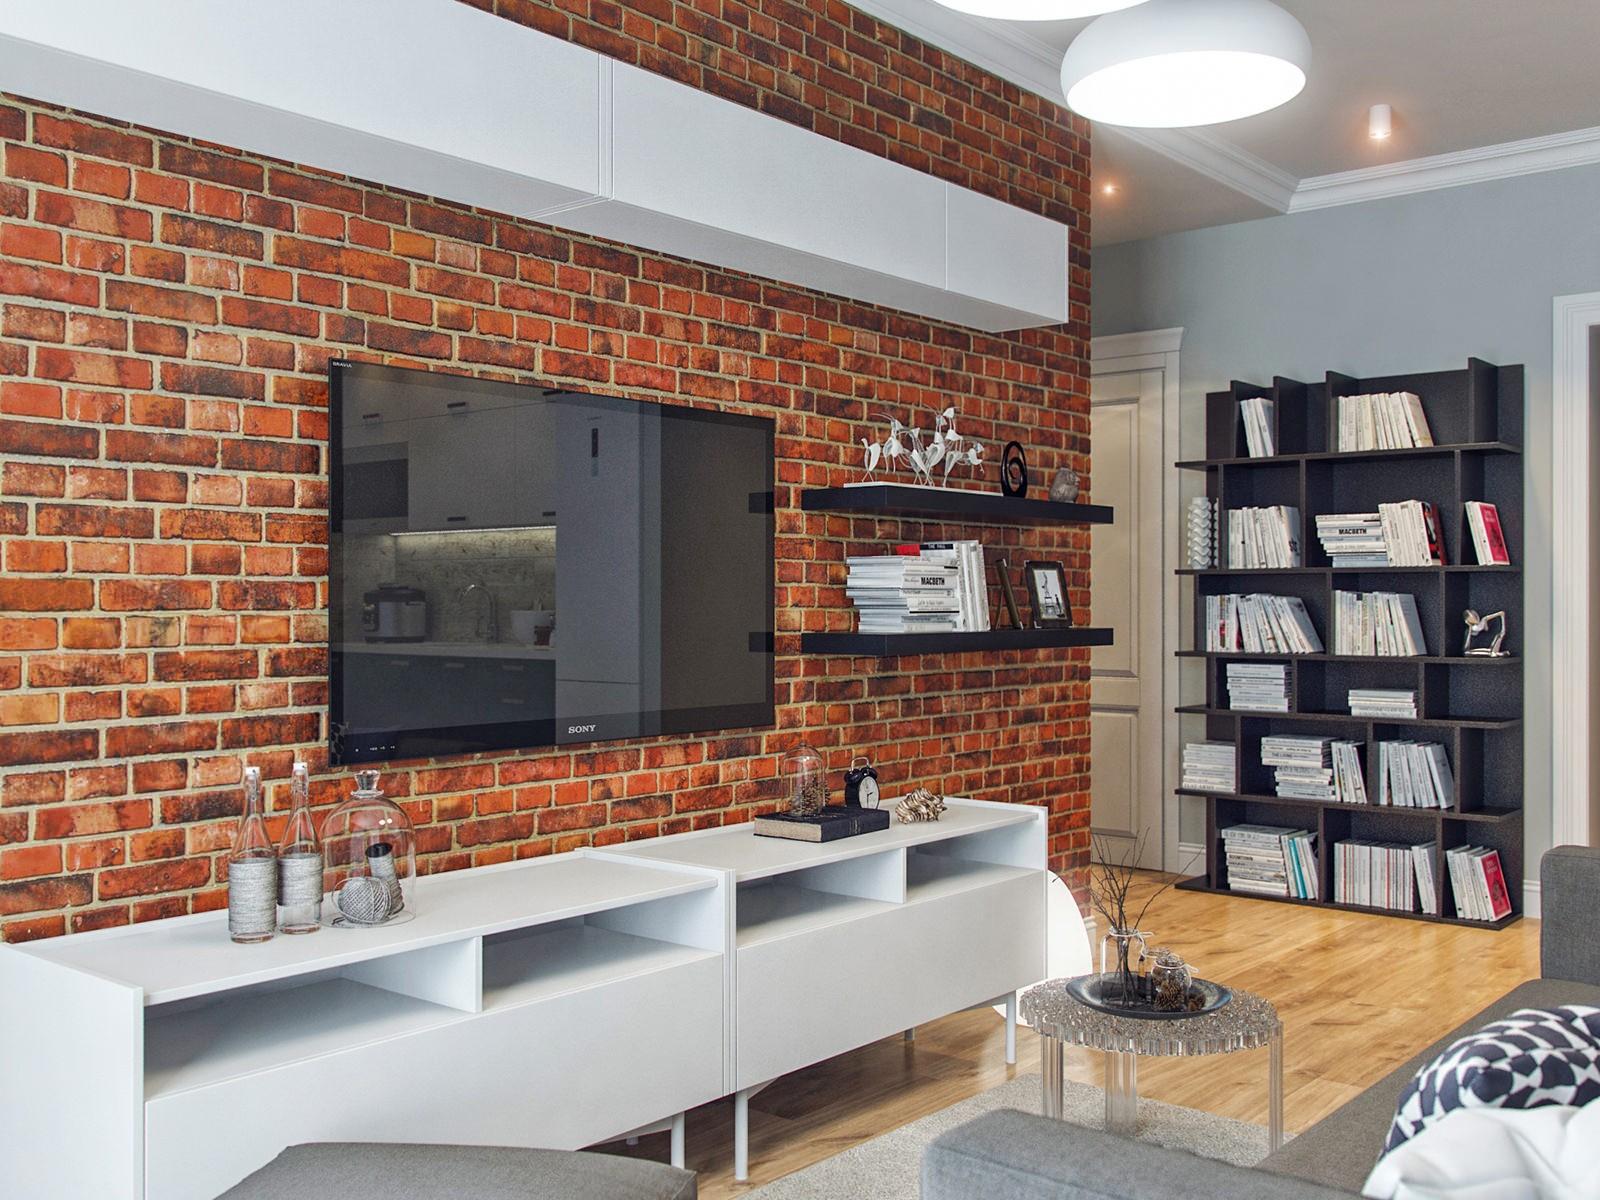 кирпич на стене в квартире фото станет гнездышком